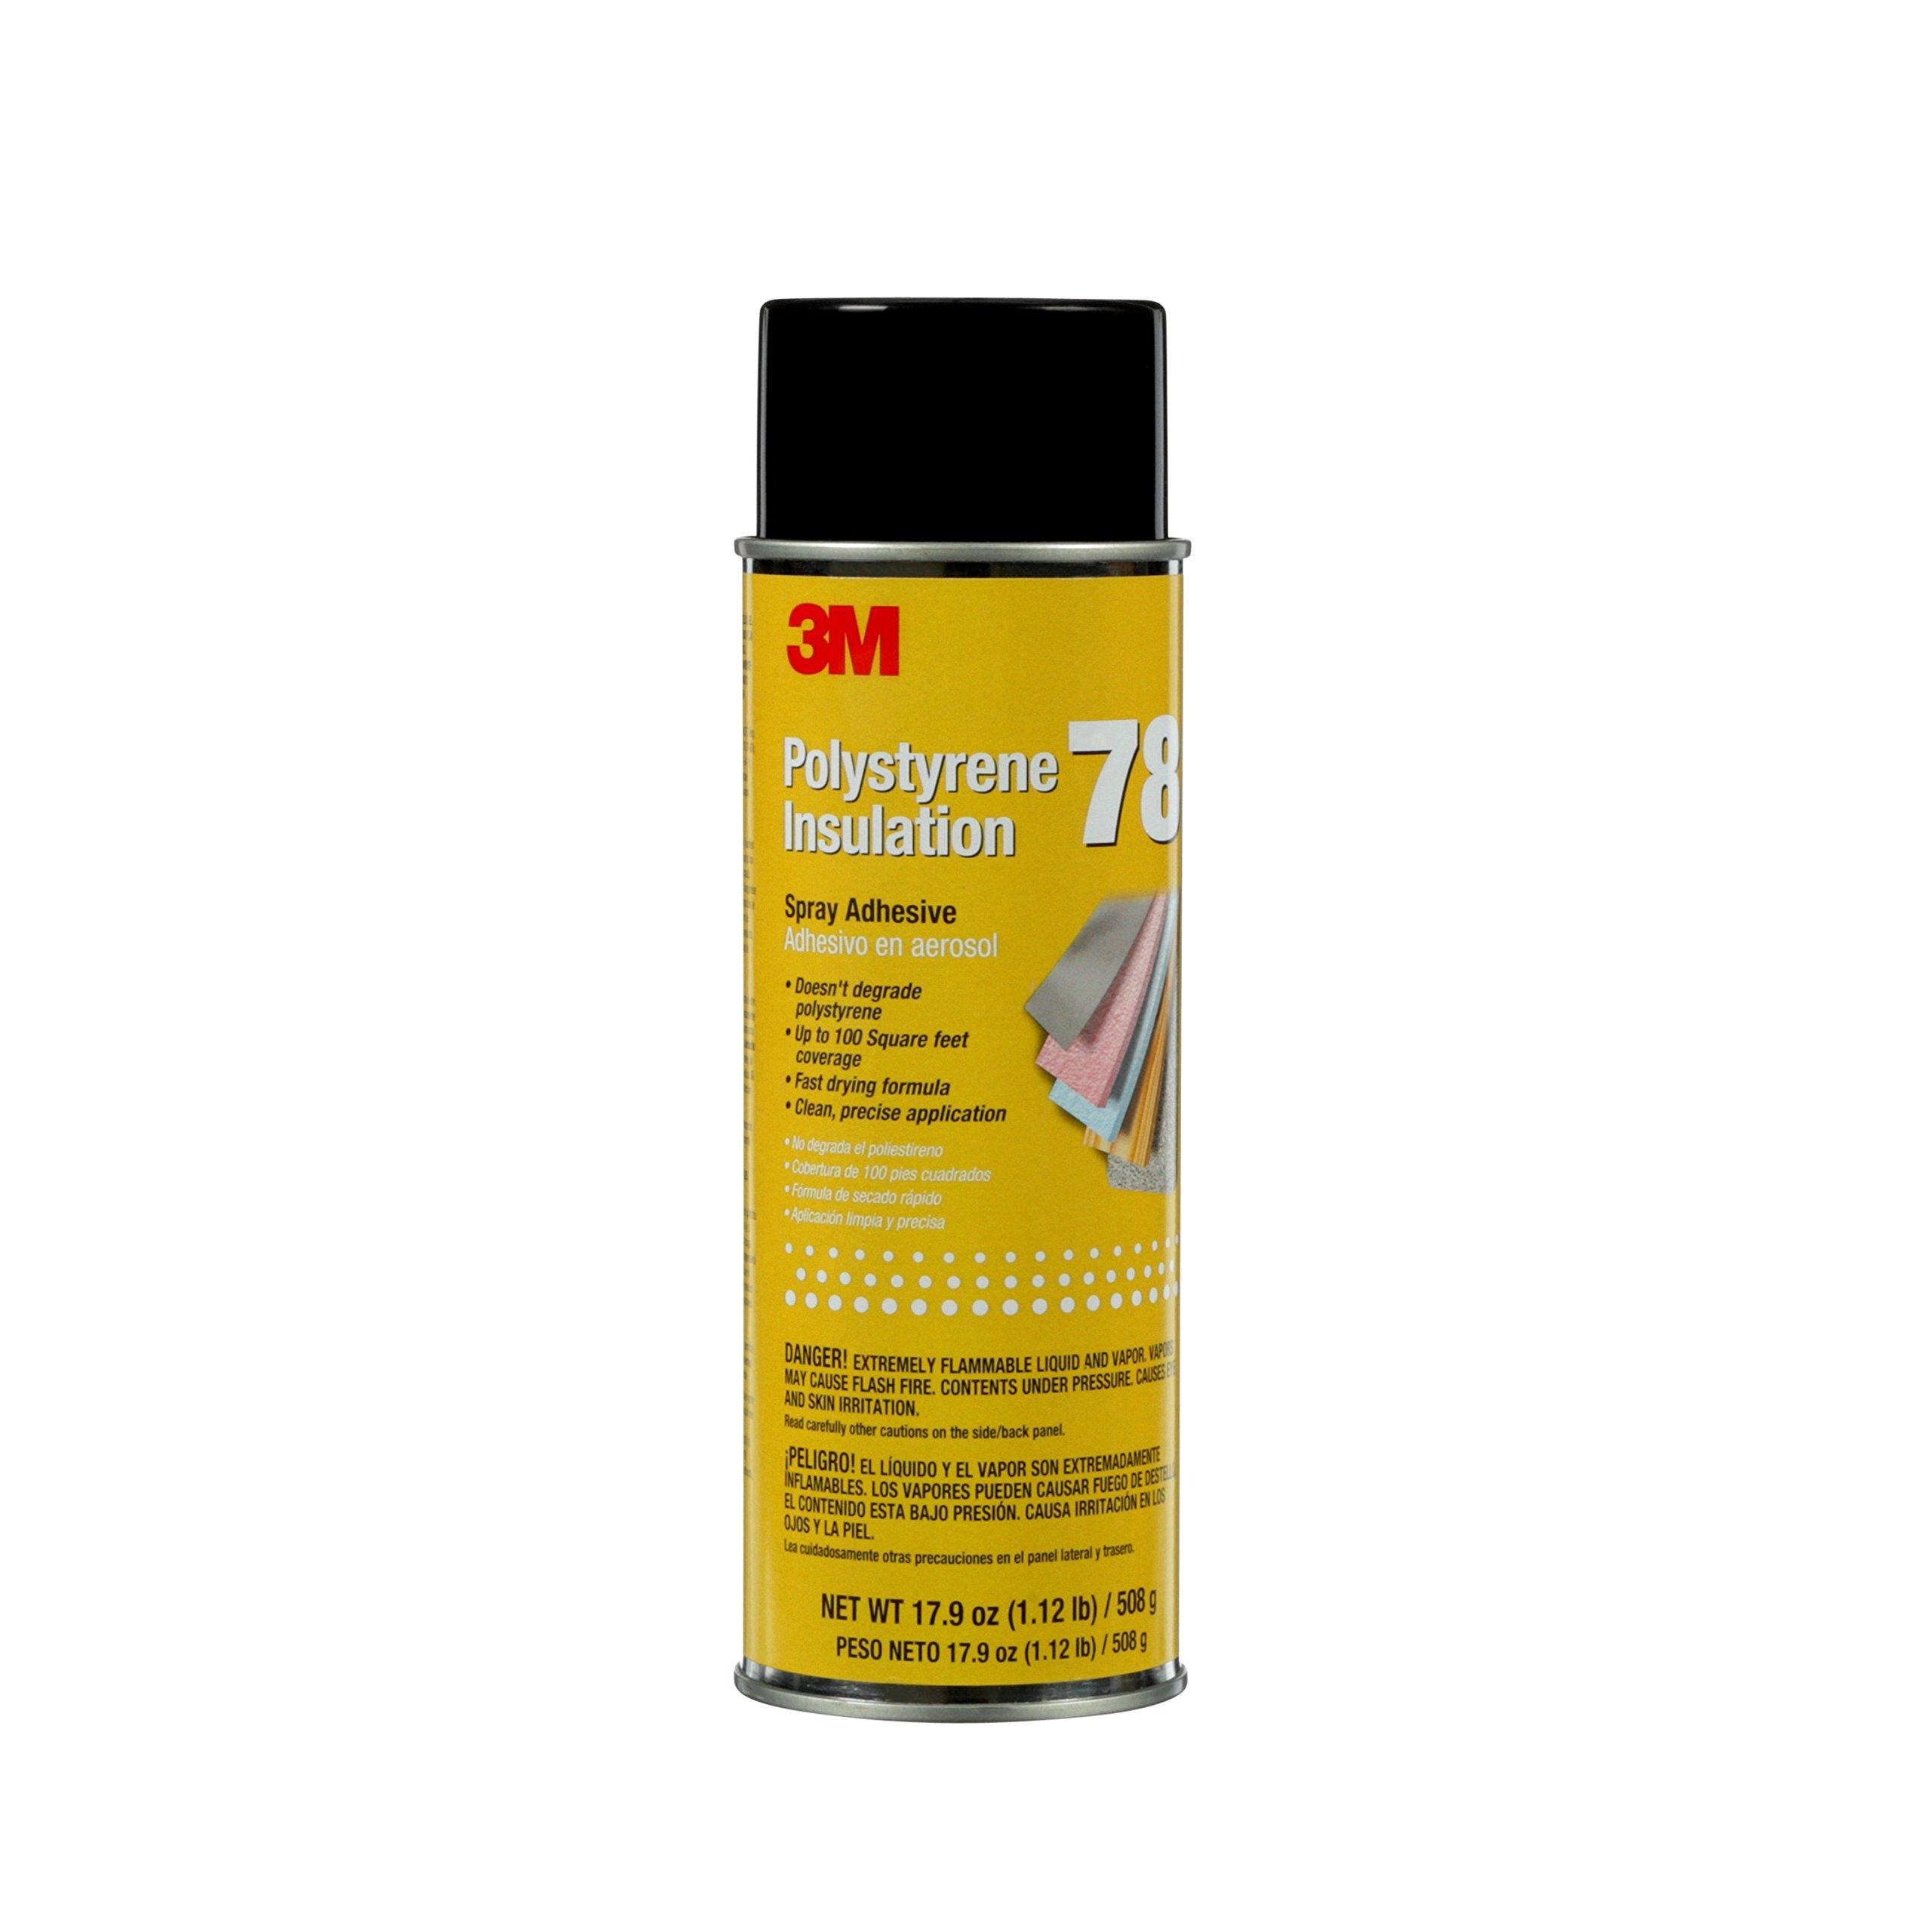 3M 78 Polystyrene Foam Insulation Spray Adhesive, Translucent 17.9 Oz. Aerosol Can